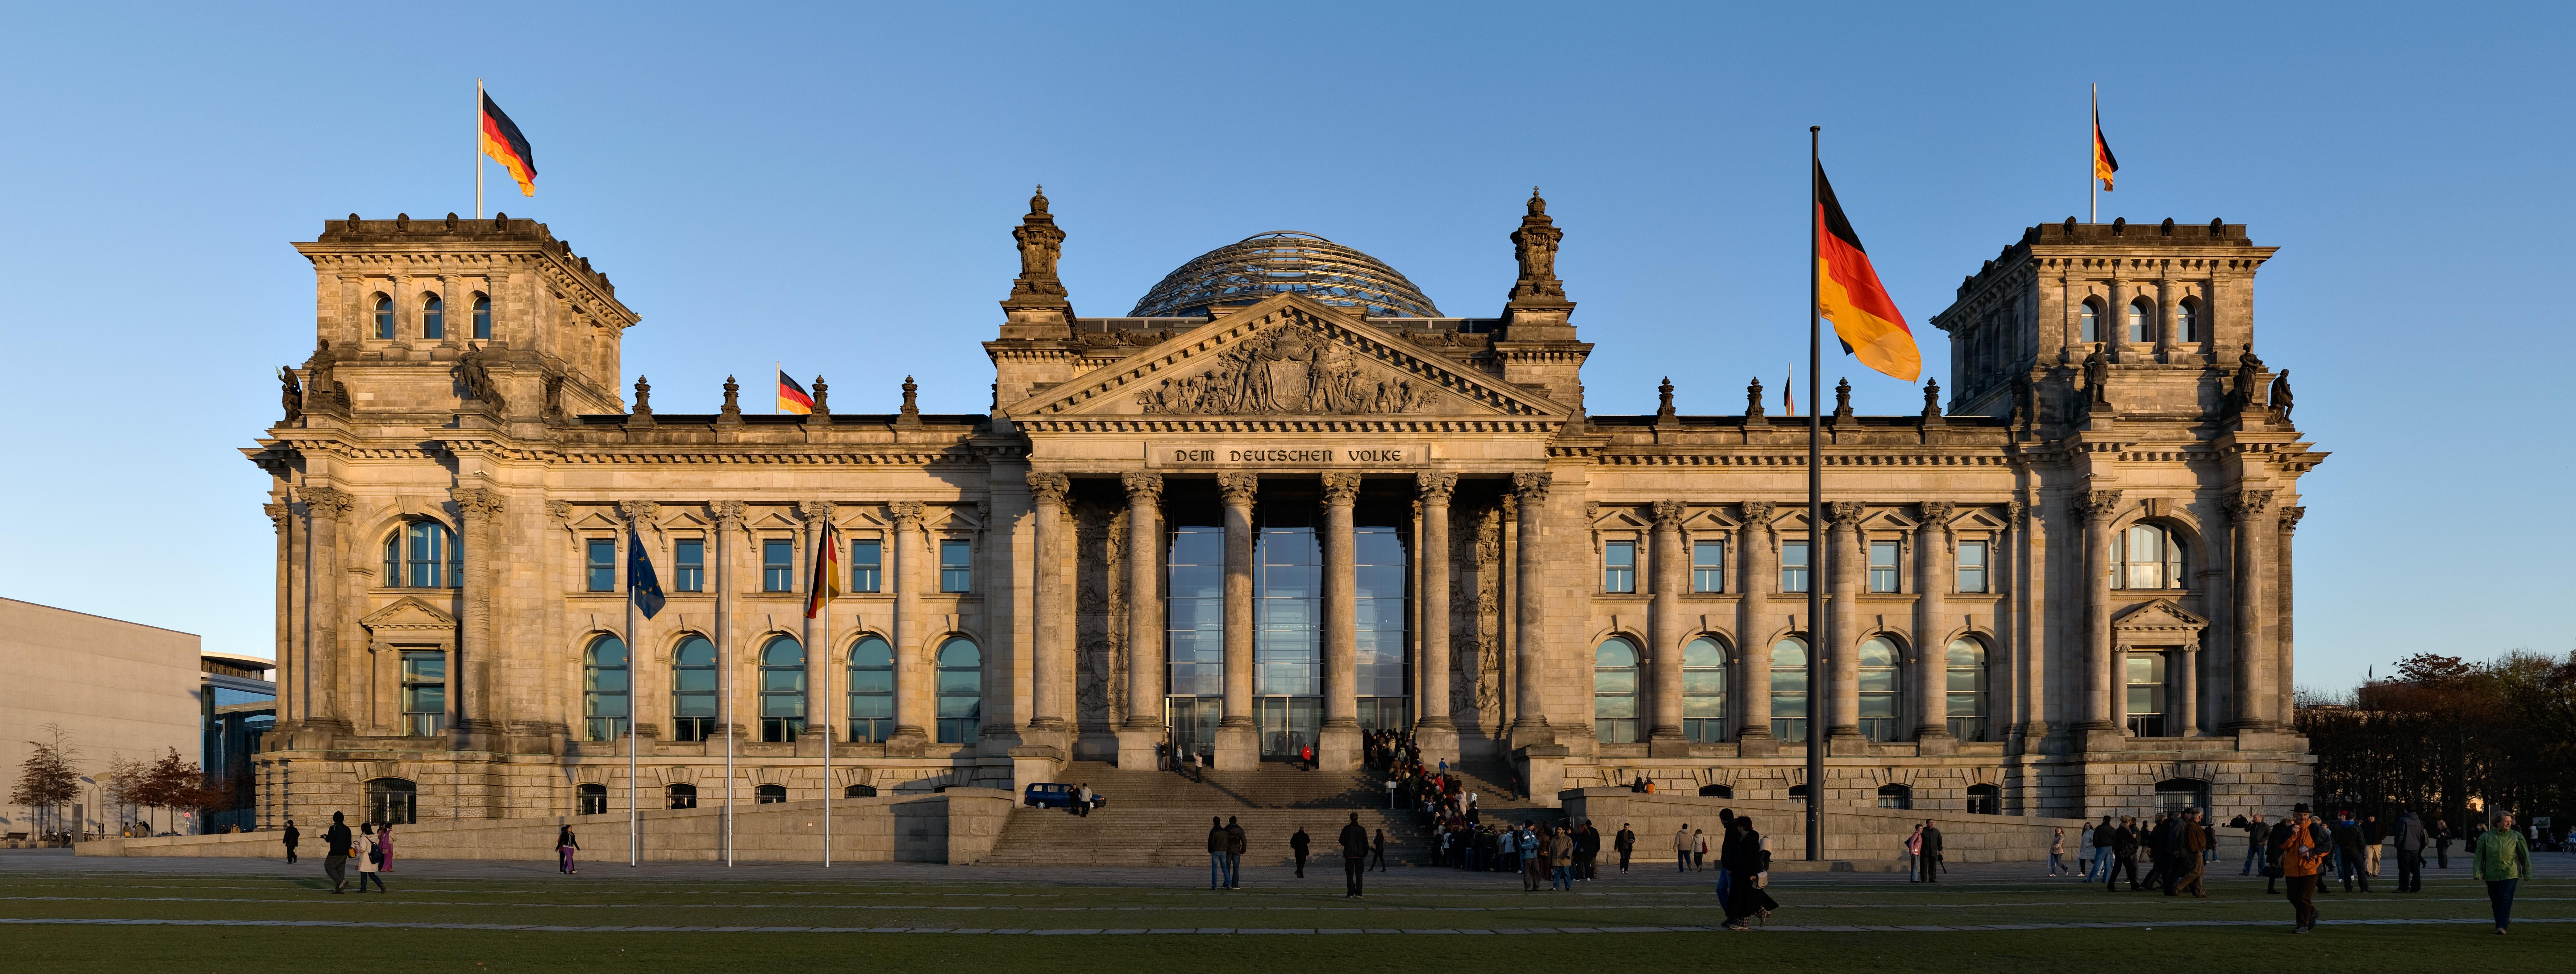 Hlavné mesto Berlín